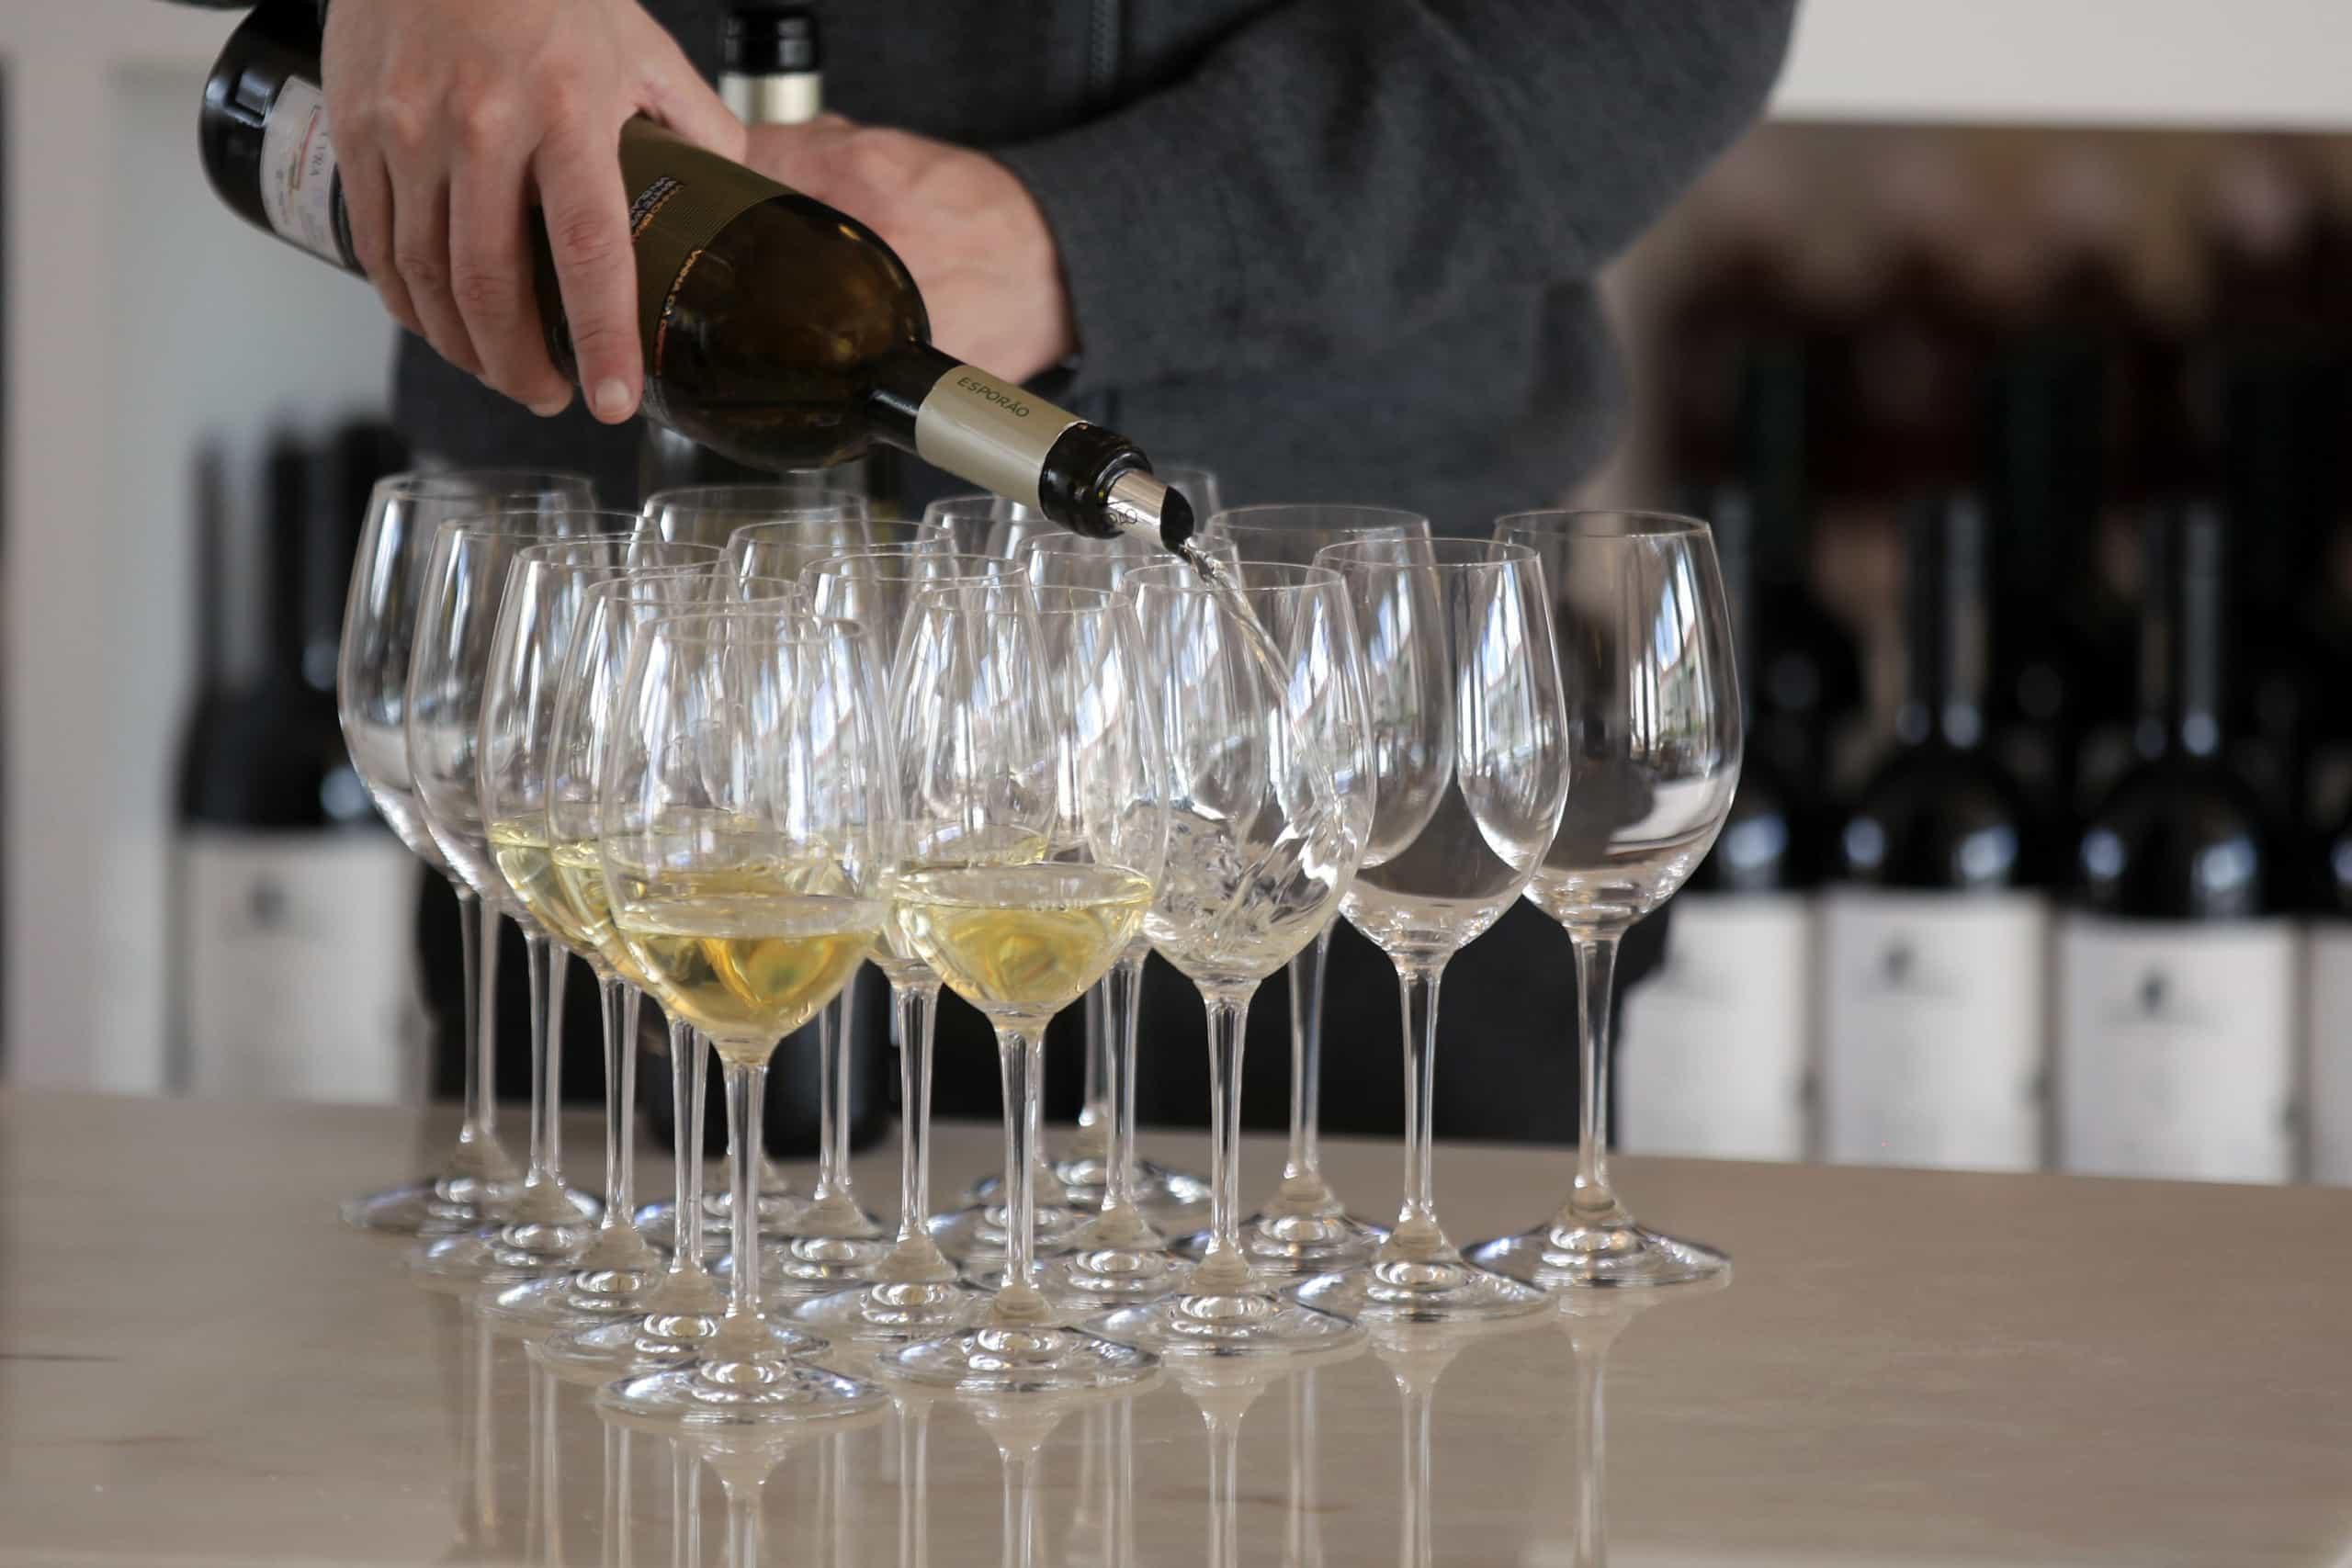 Vinhos do Alentejo promovidos em Angola, 2.º maior mercado de exportação